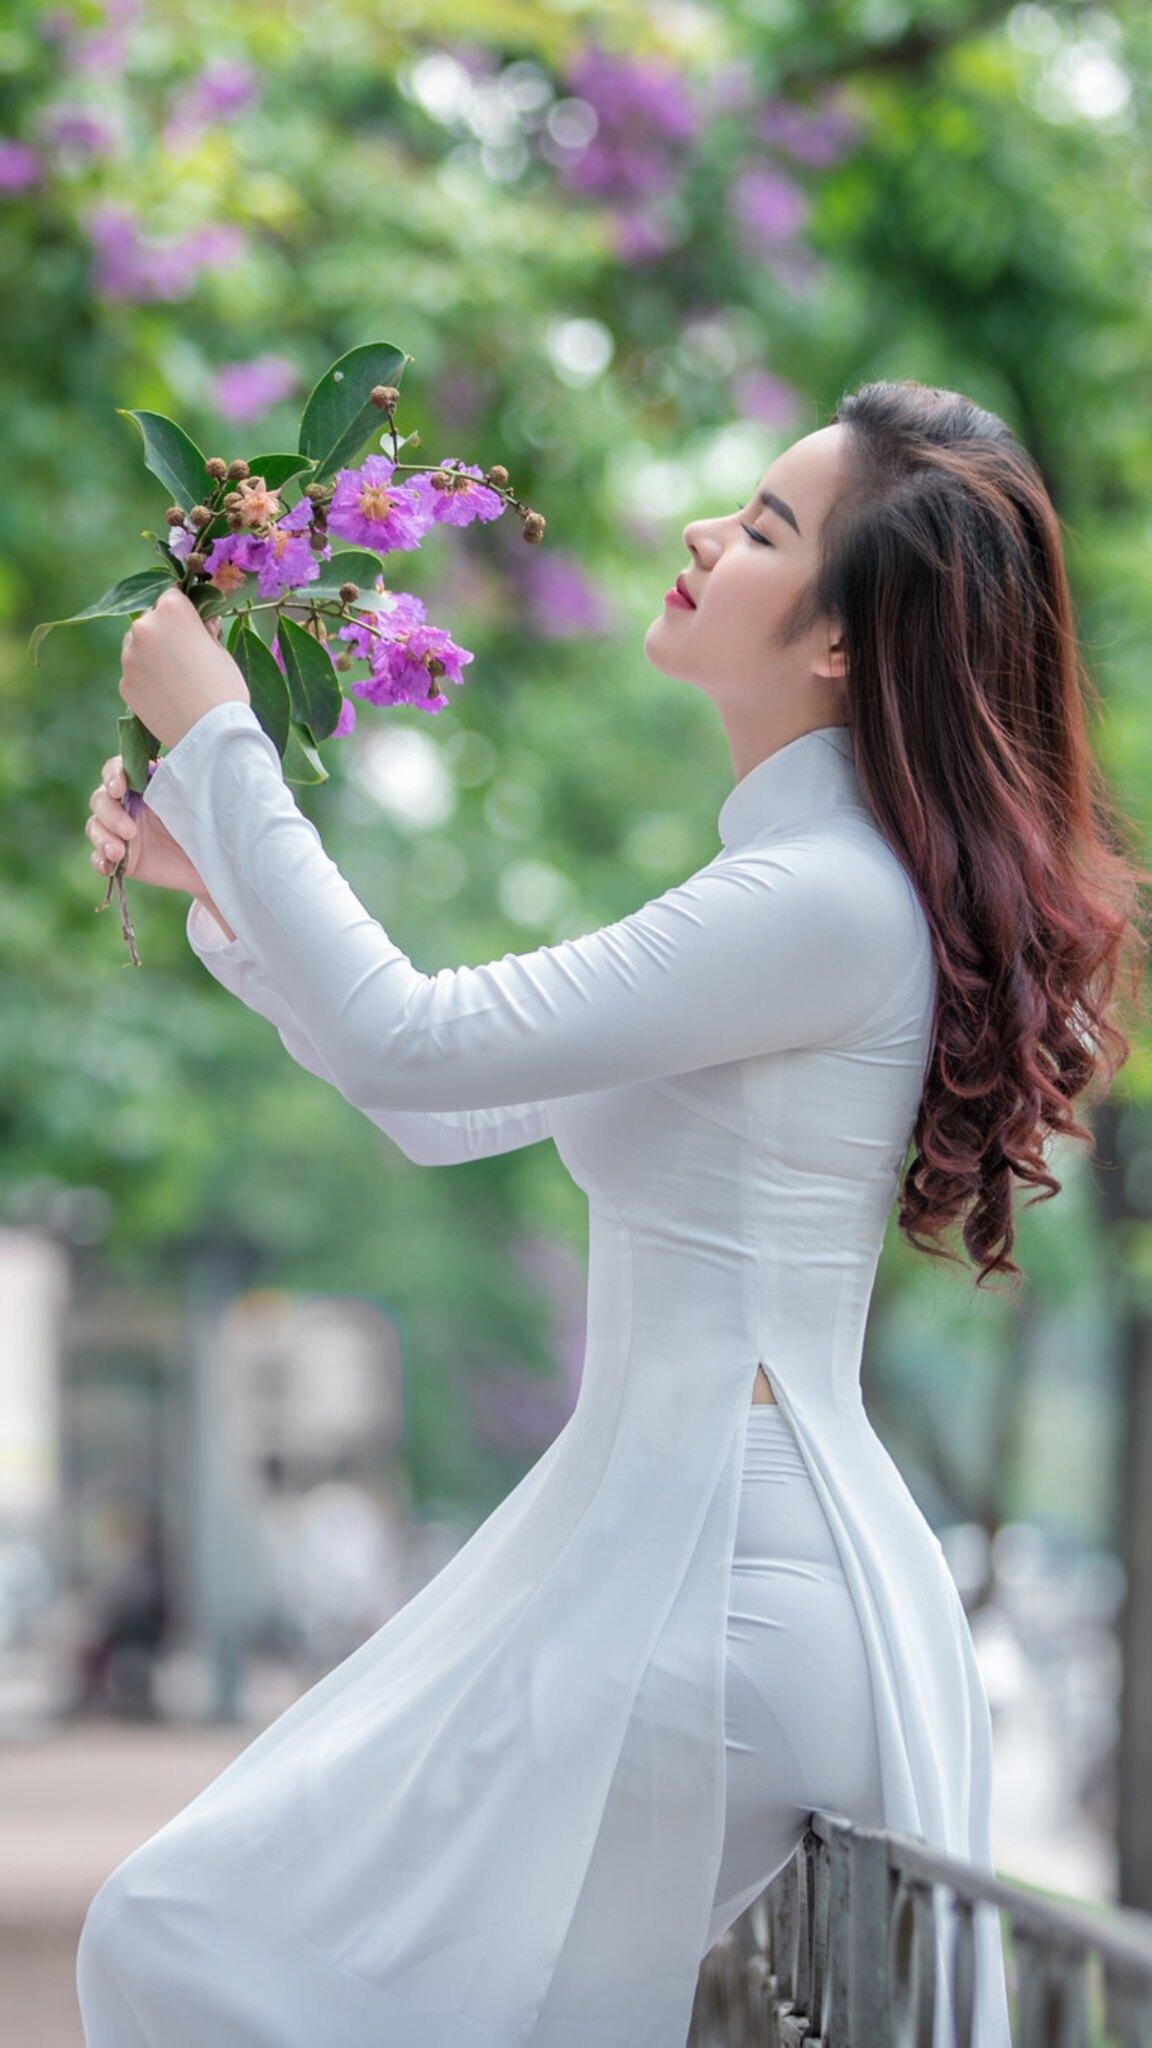 Großzügig Taeyang Brautkleid Mp3 Fotos - Hochzeit Kleid Stile Ideen ...